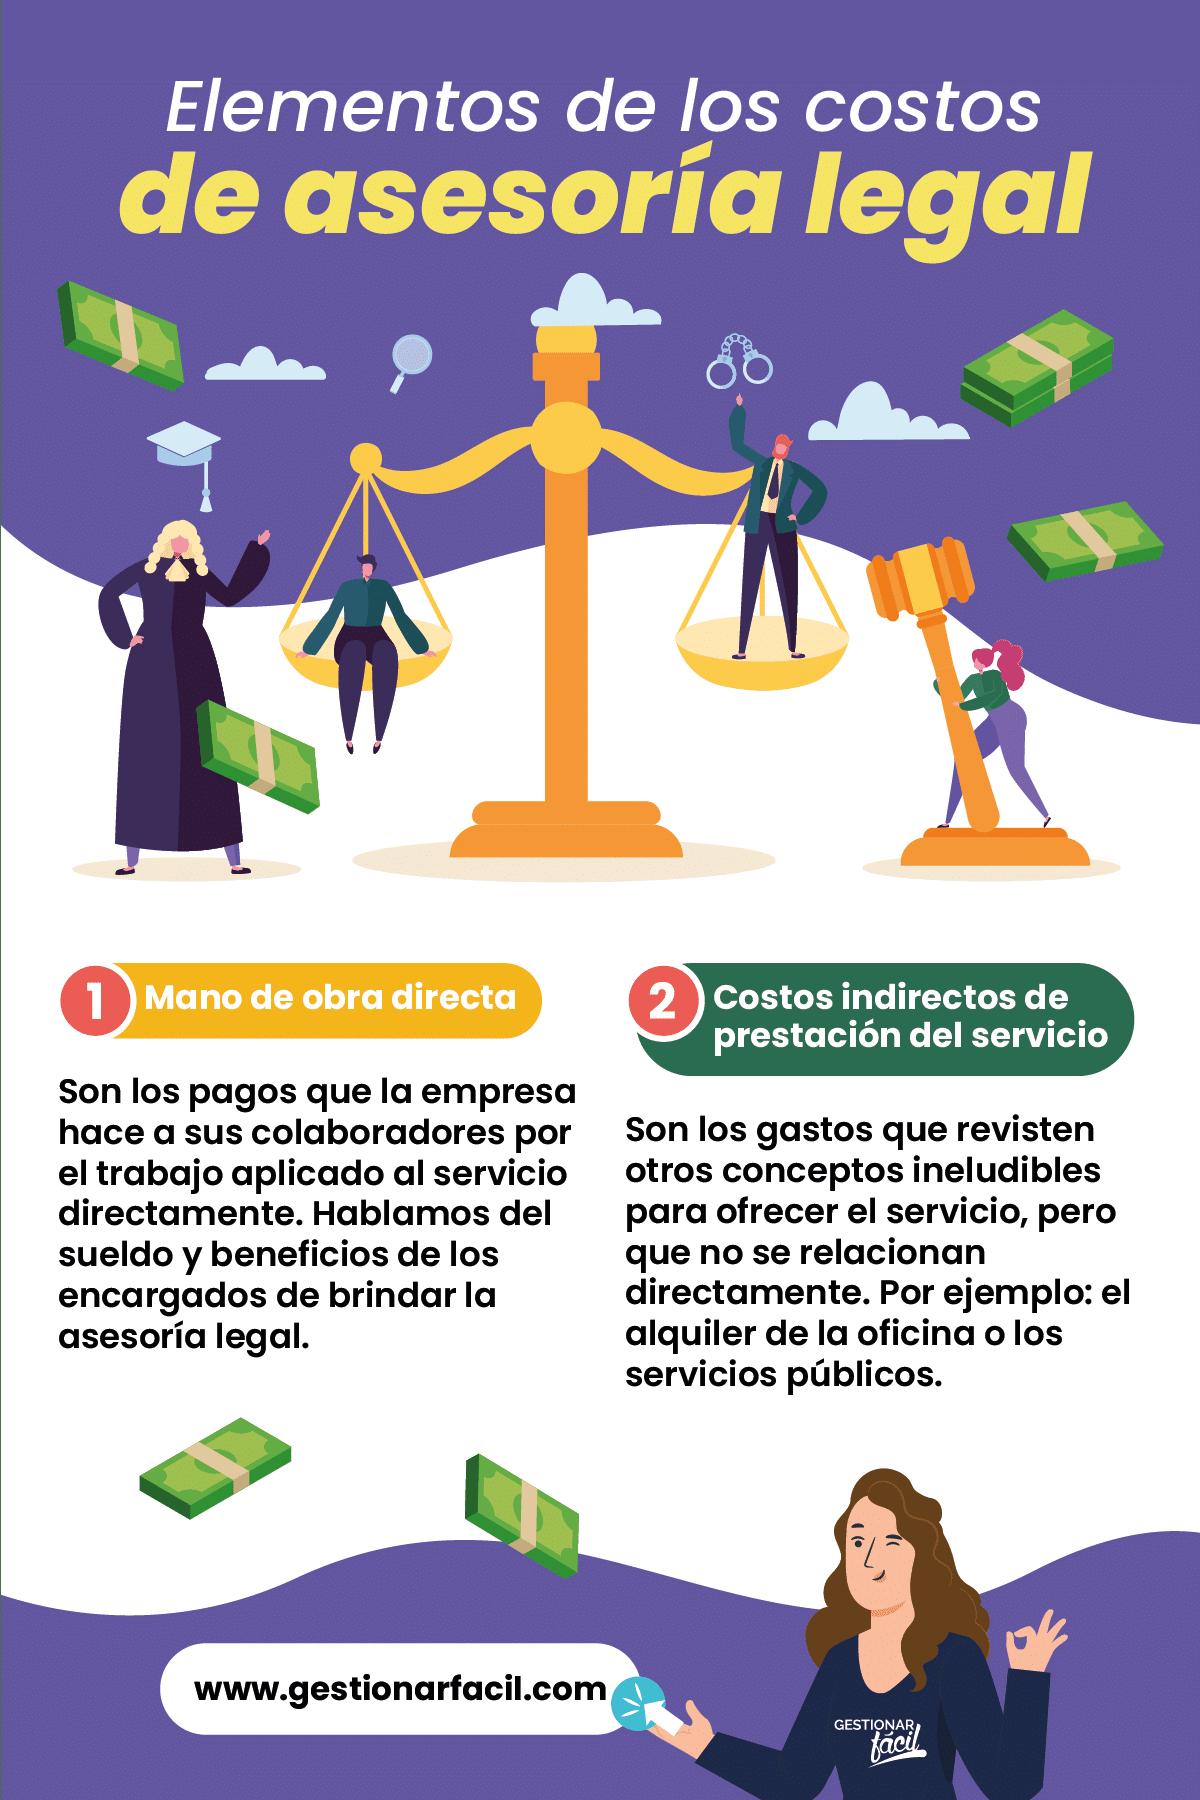 Elementos del costos de asesoría legal.